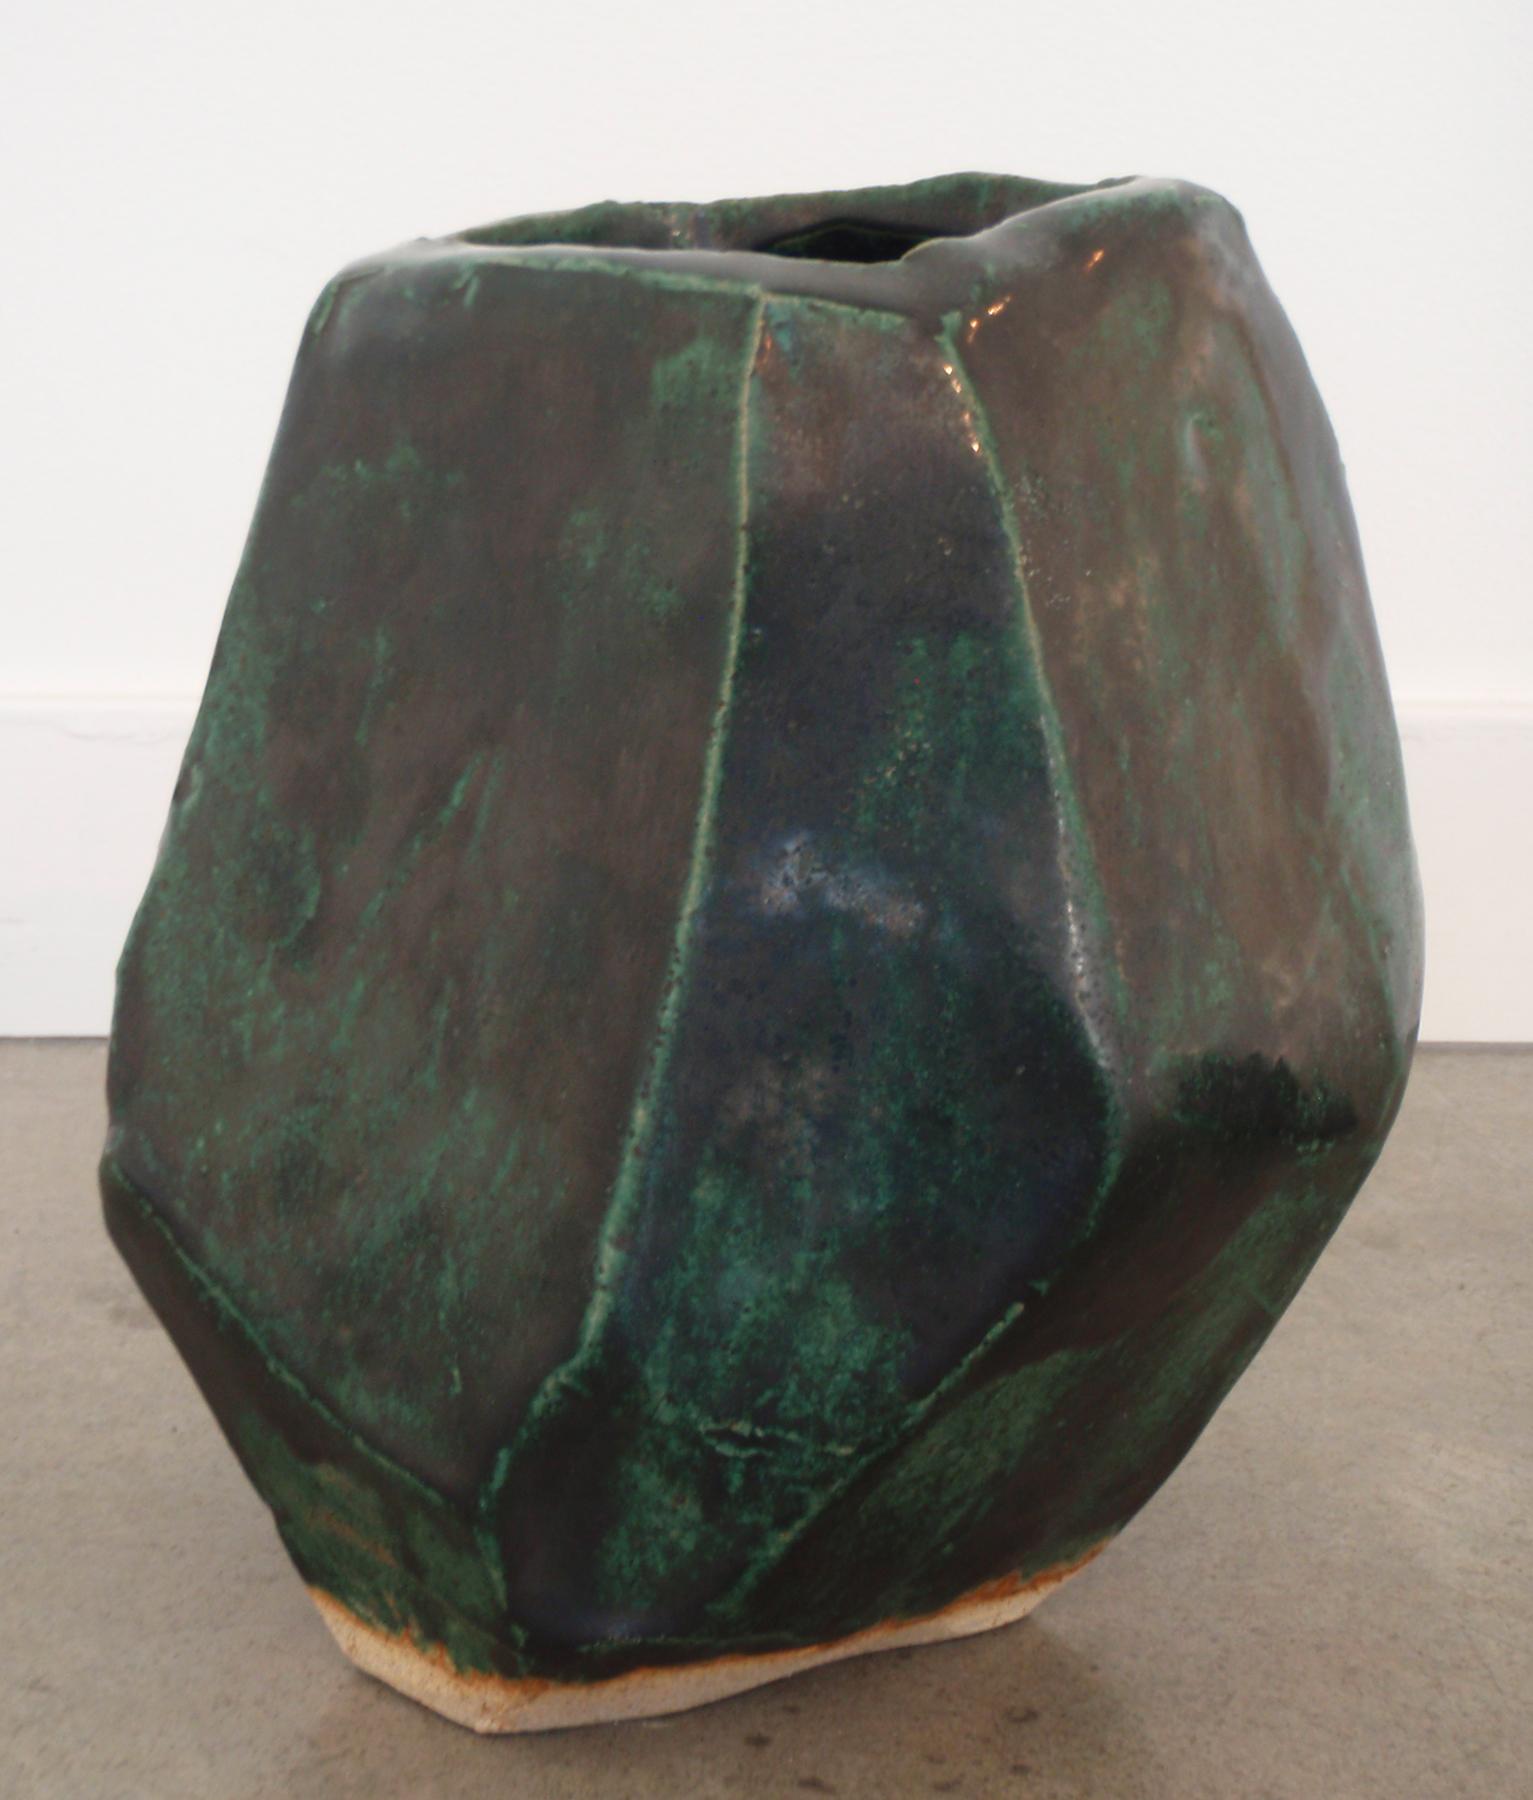 """ANNA SEW HOY   verte/noir , fired stoneware, 8"""" x 7.5"""" x 6.5"""", 2012"""